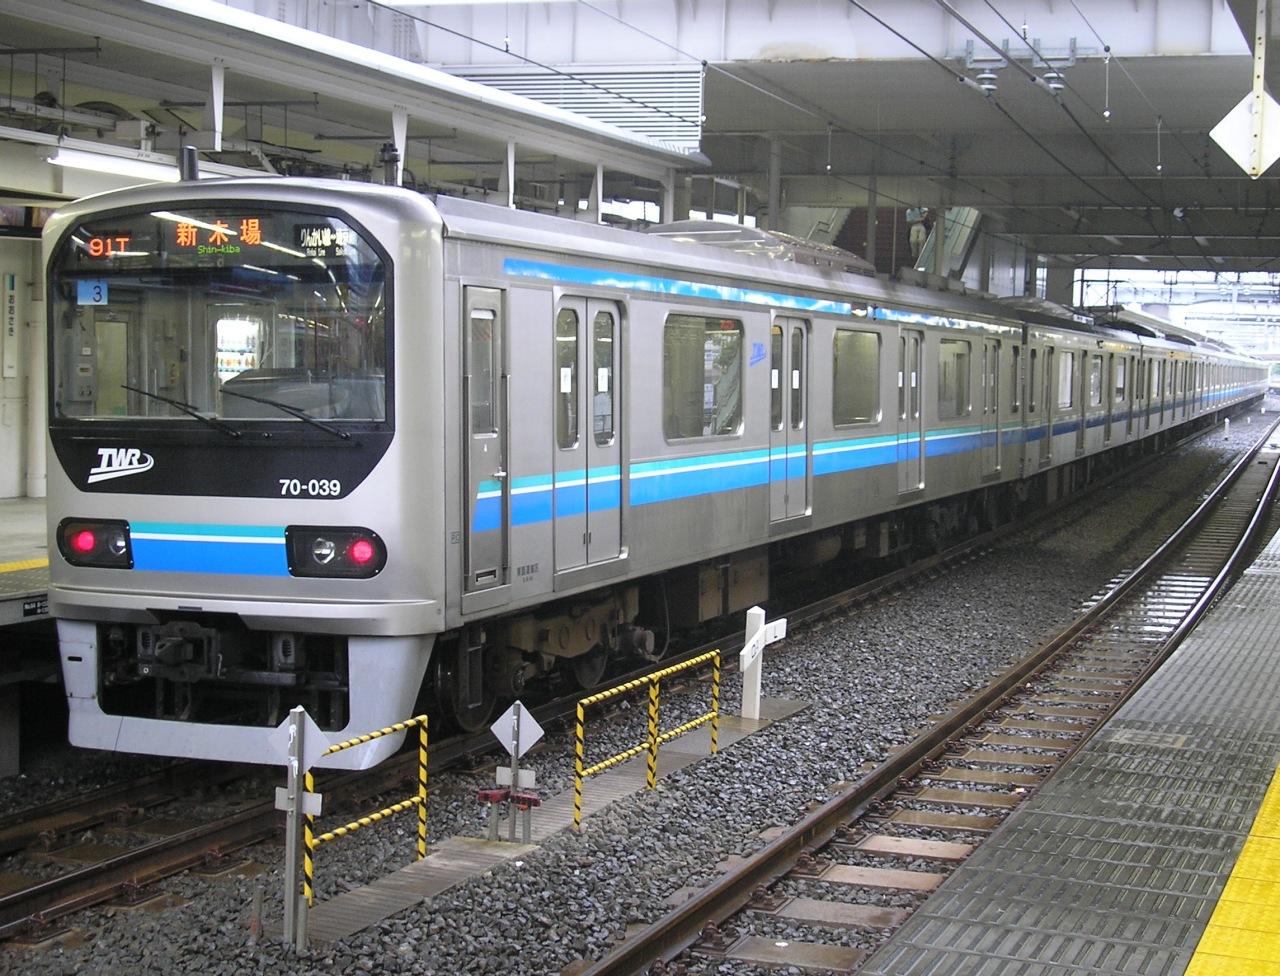 東京臨海高速鉄道 70-039_e0004218_21322839.jpg